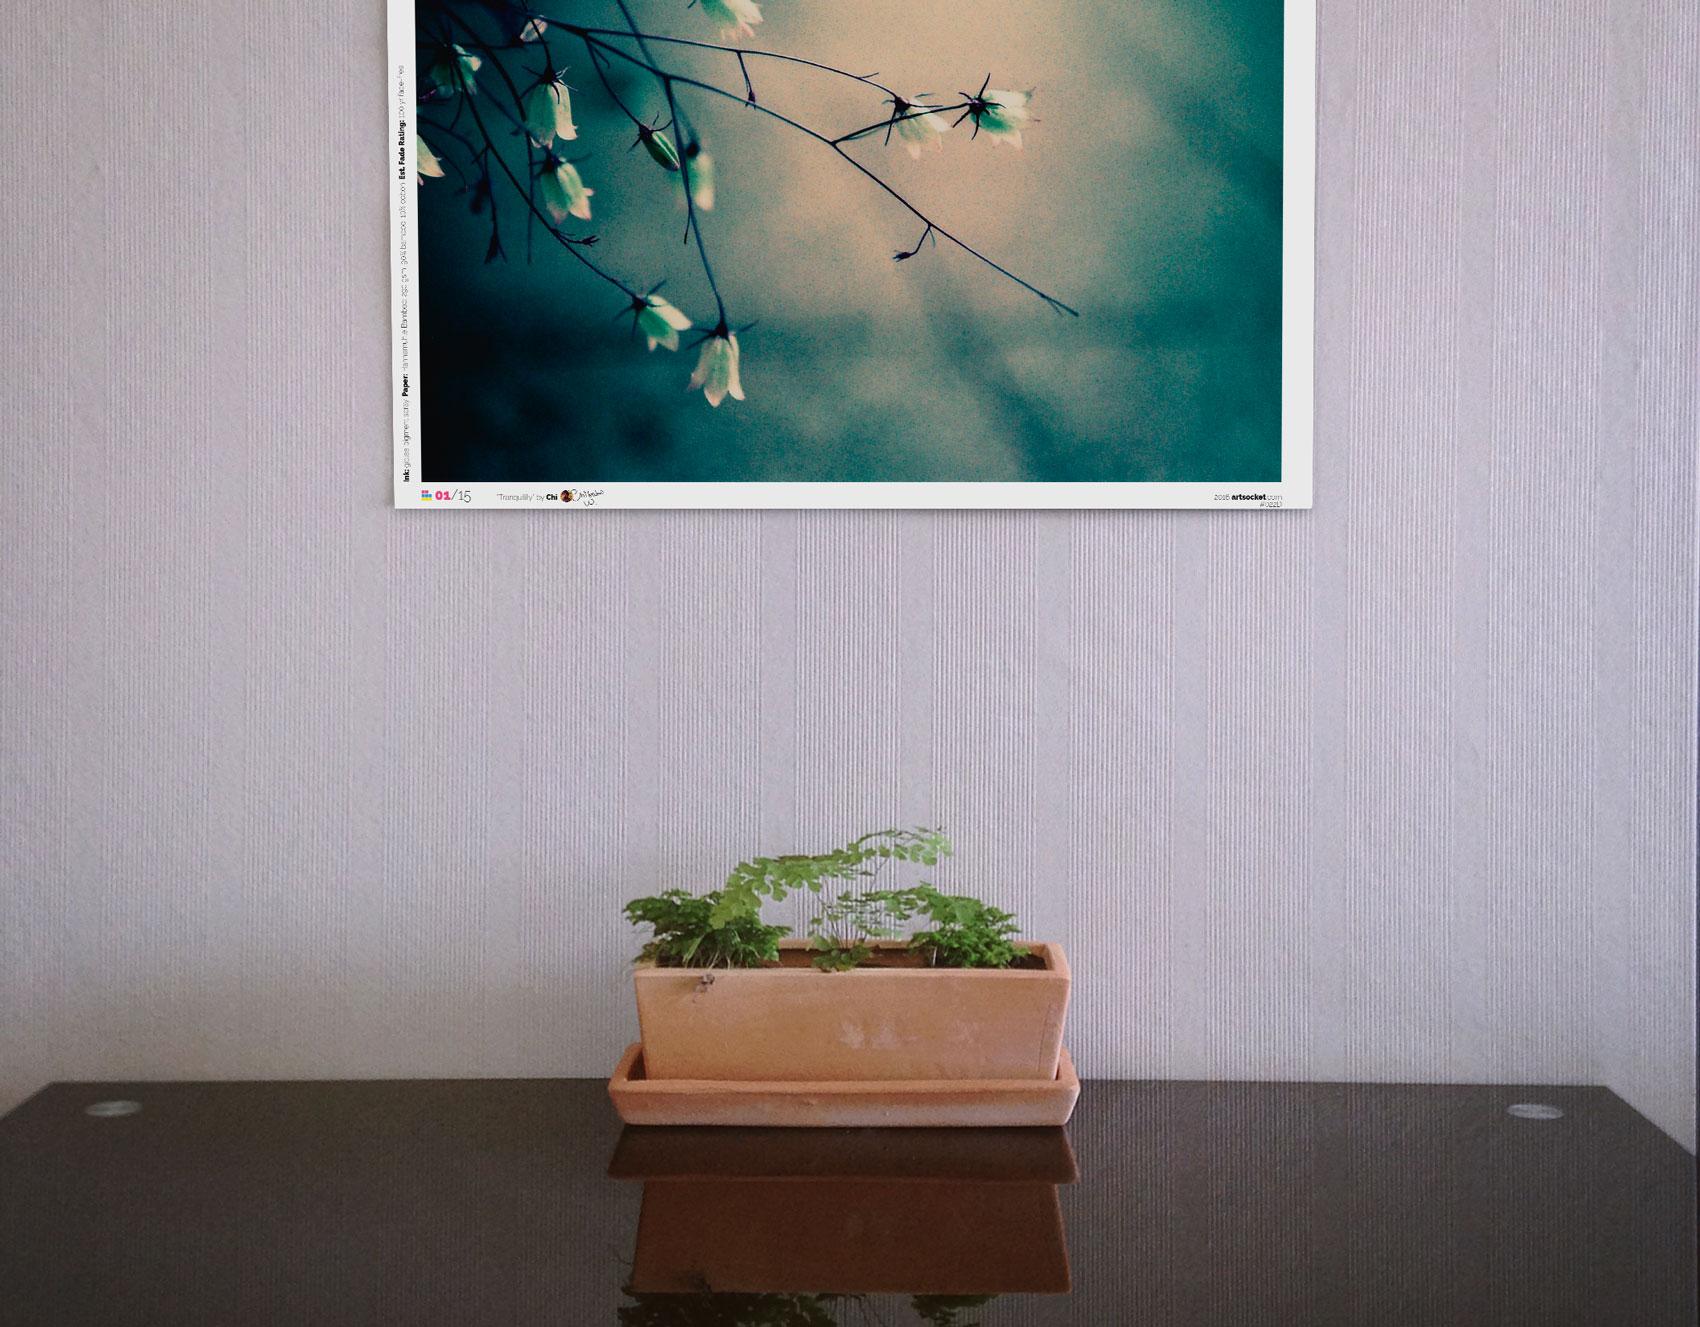 ArtSocket prints